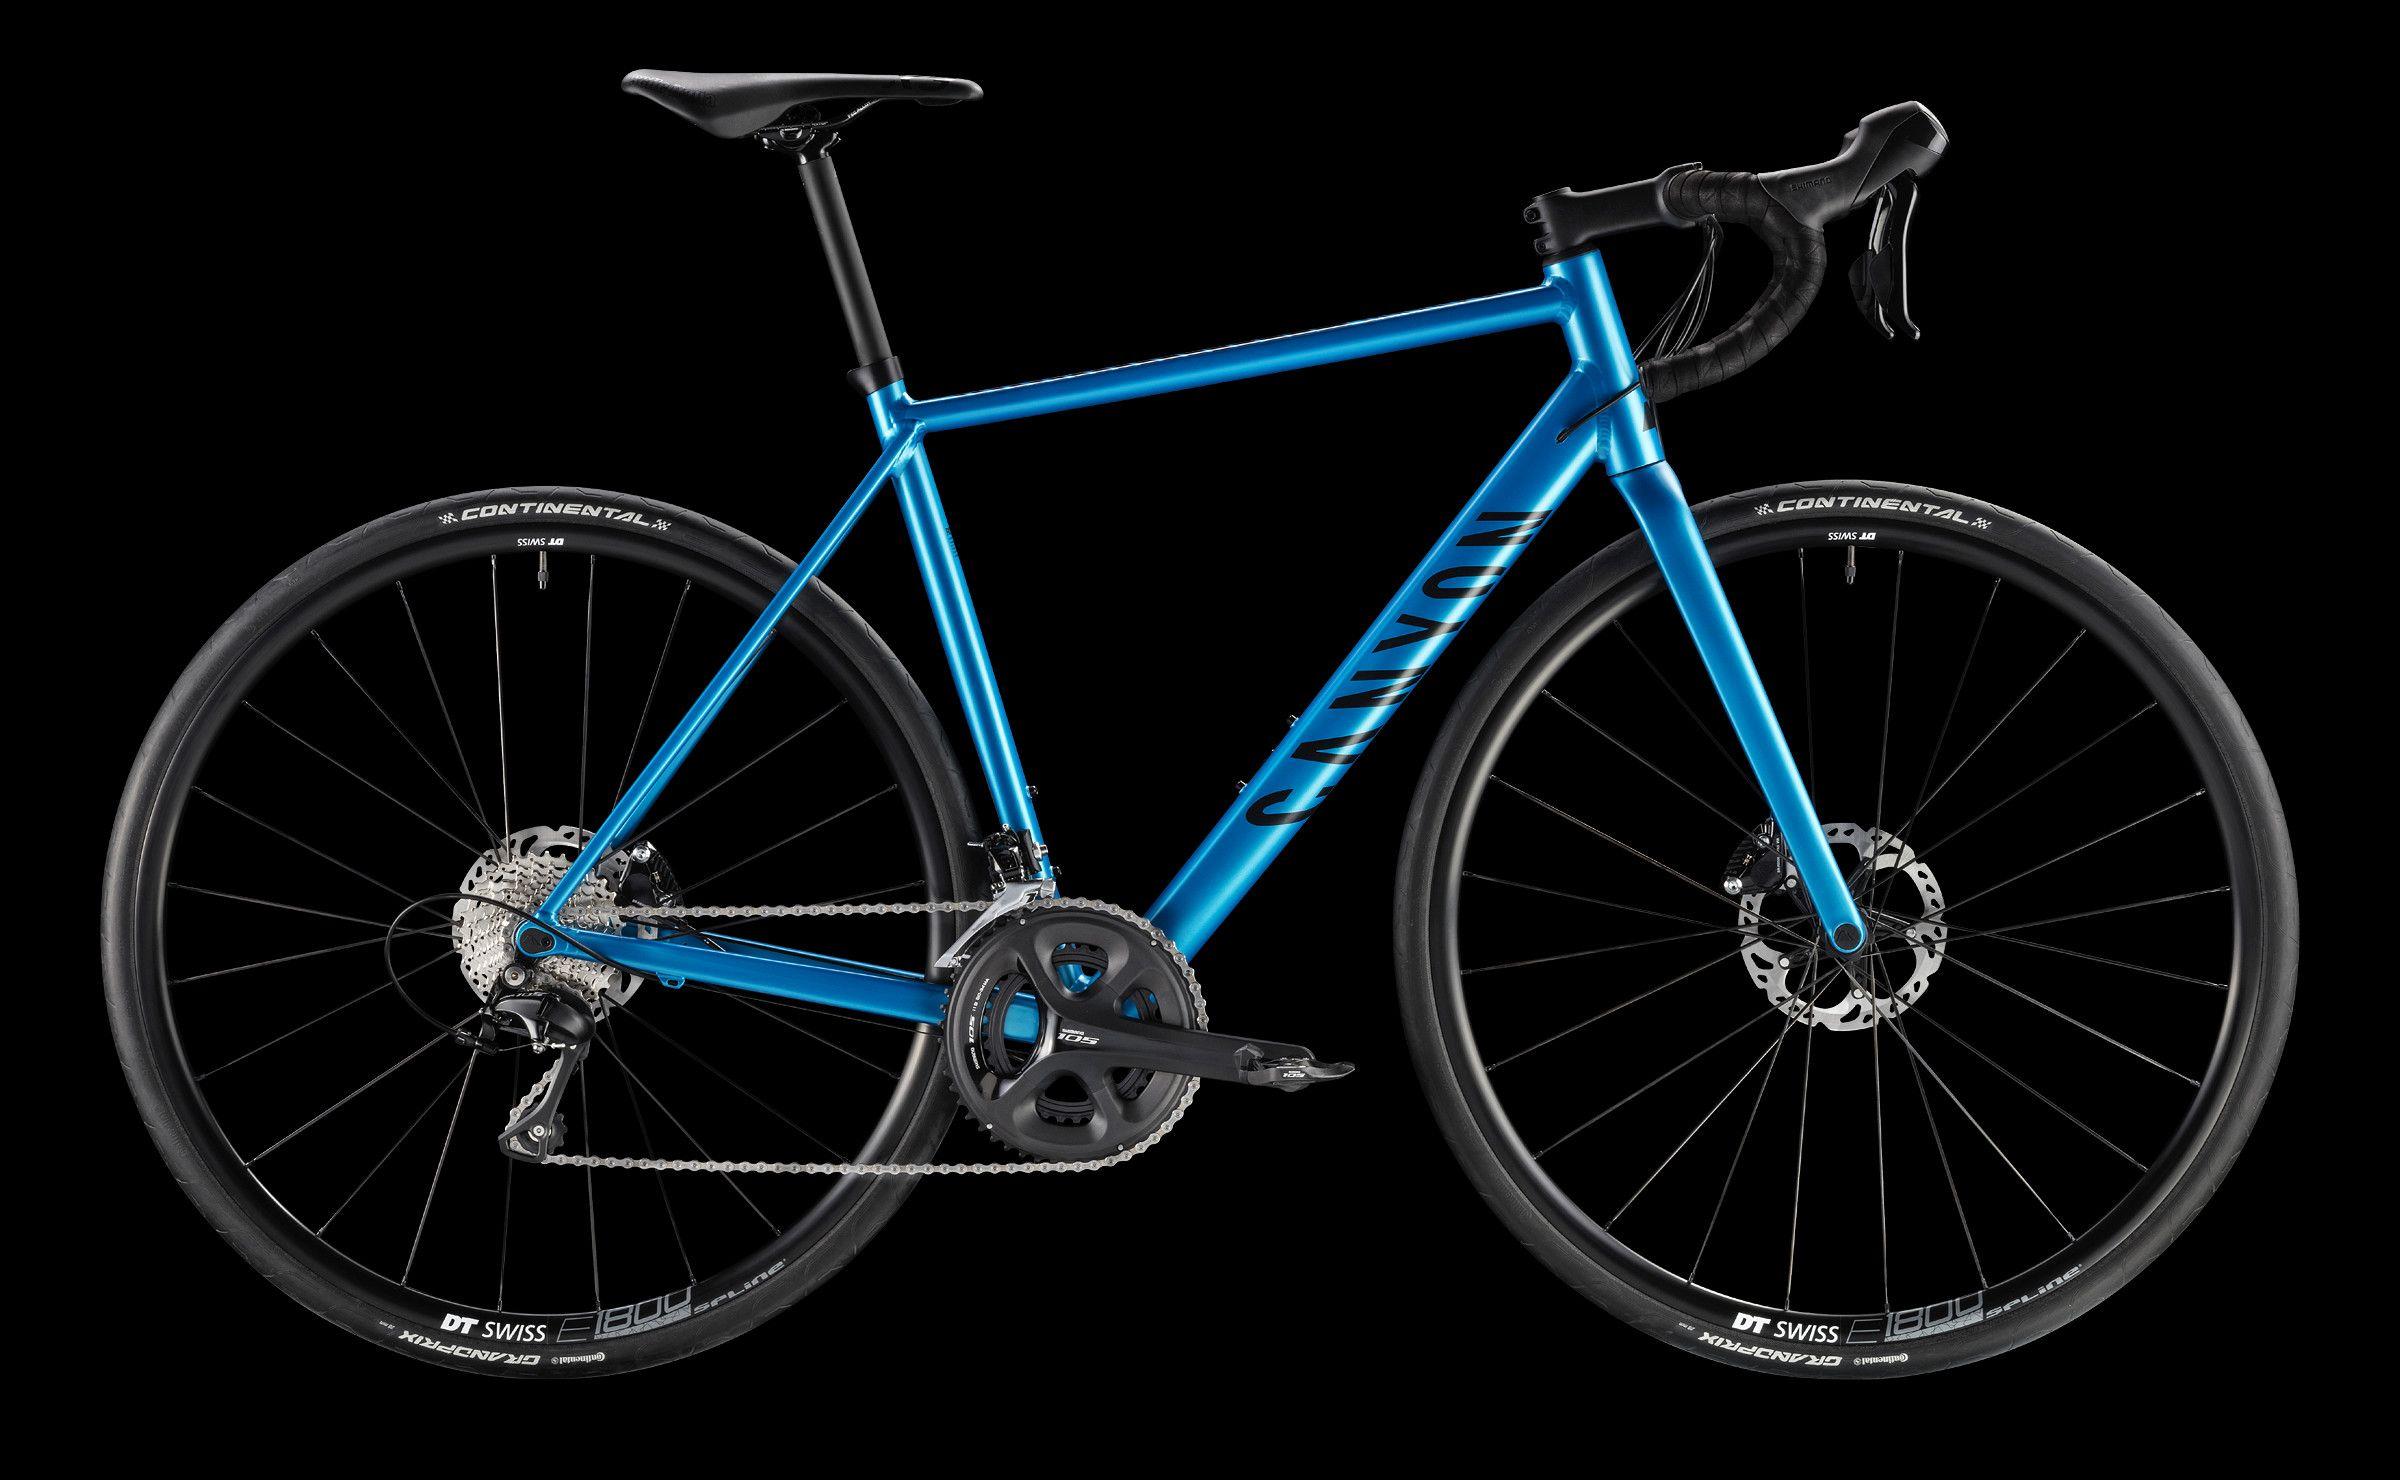 Canyon Endurace AL Disc 7 0 Road Bike - Cheap Road Bikes